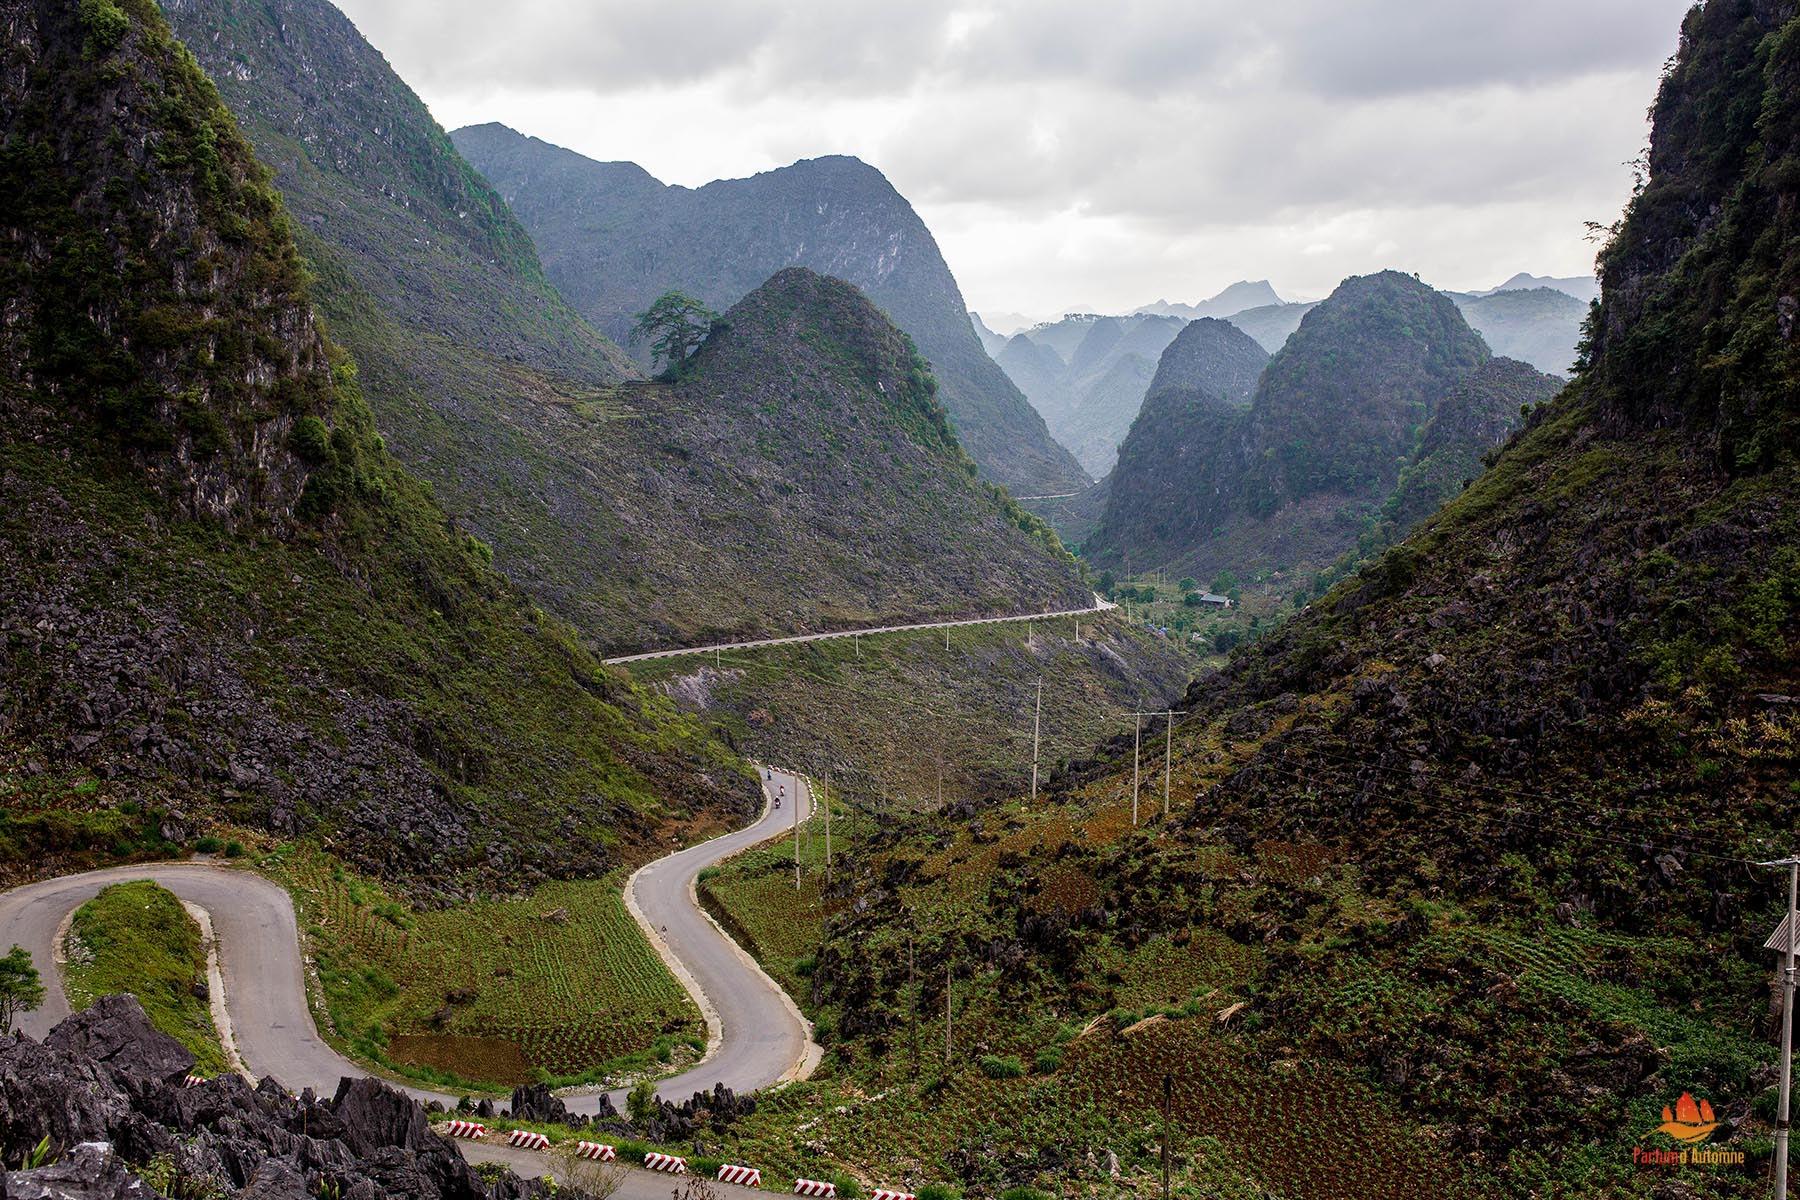 Montagnes de Ha Giang, Vietnam